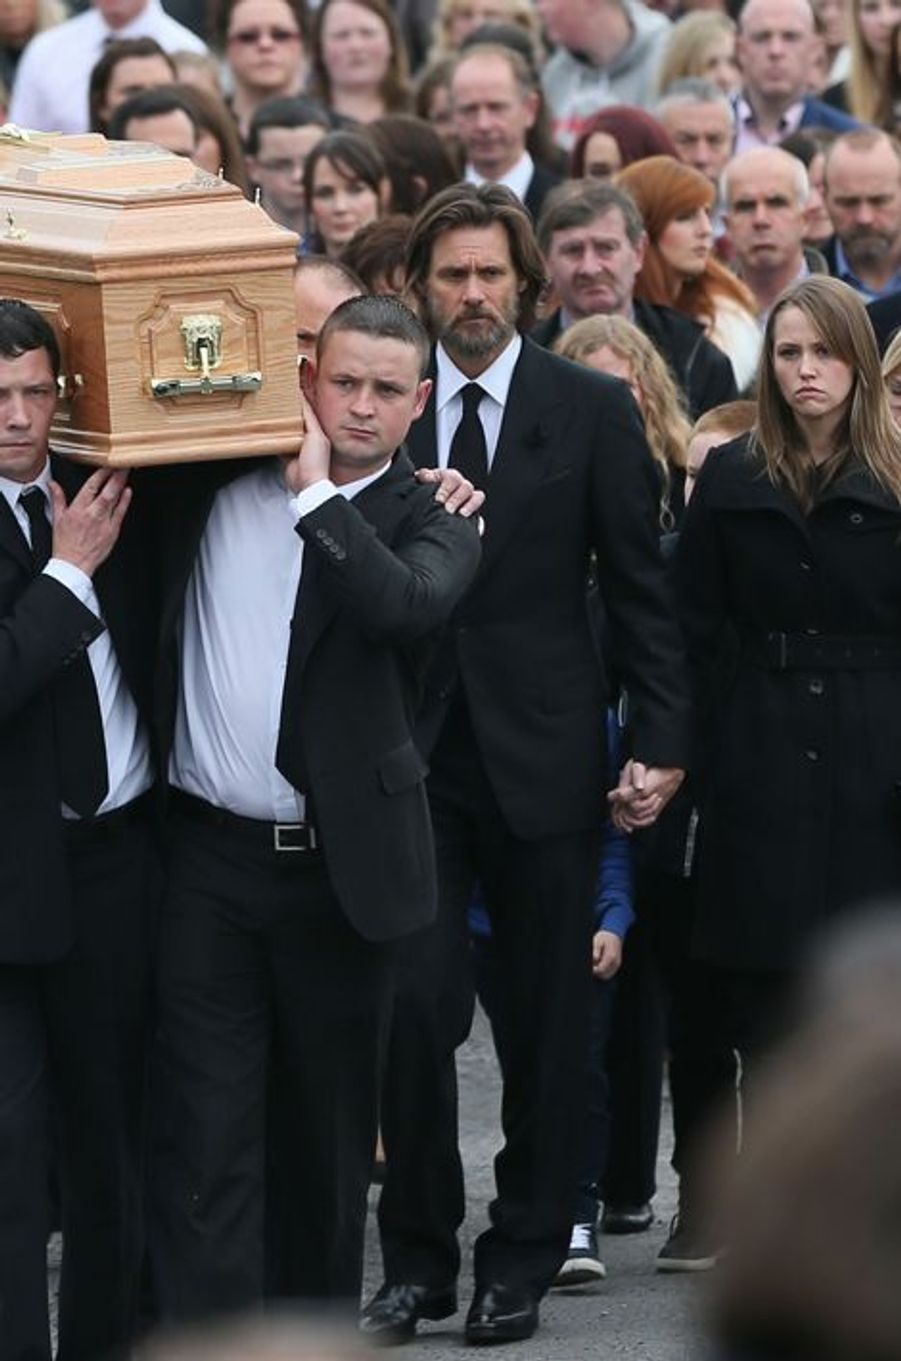 Les funérailles de Cathriona White, en Irlande, le 10 octobre 2015.